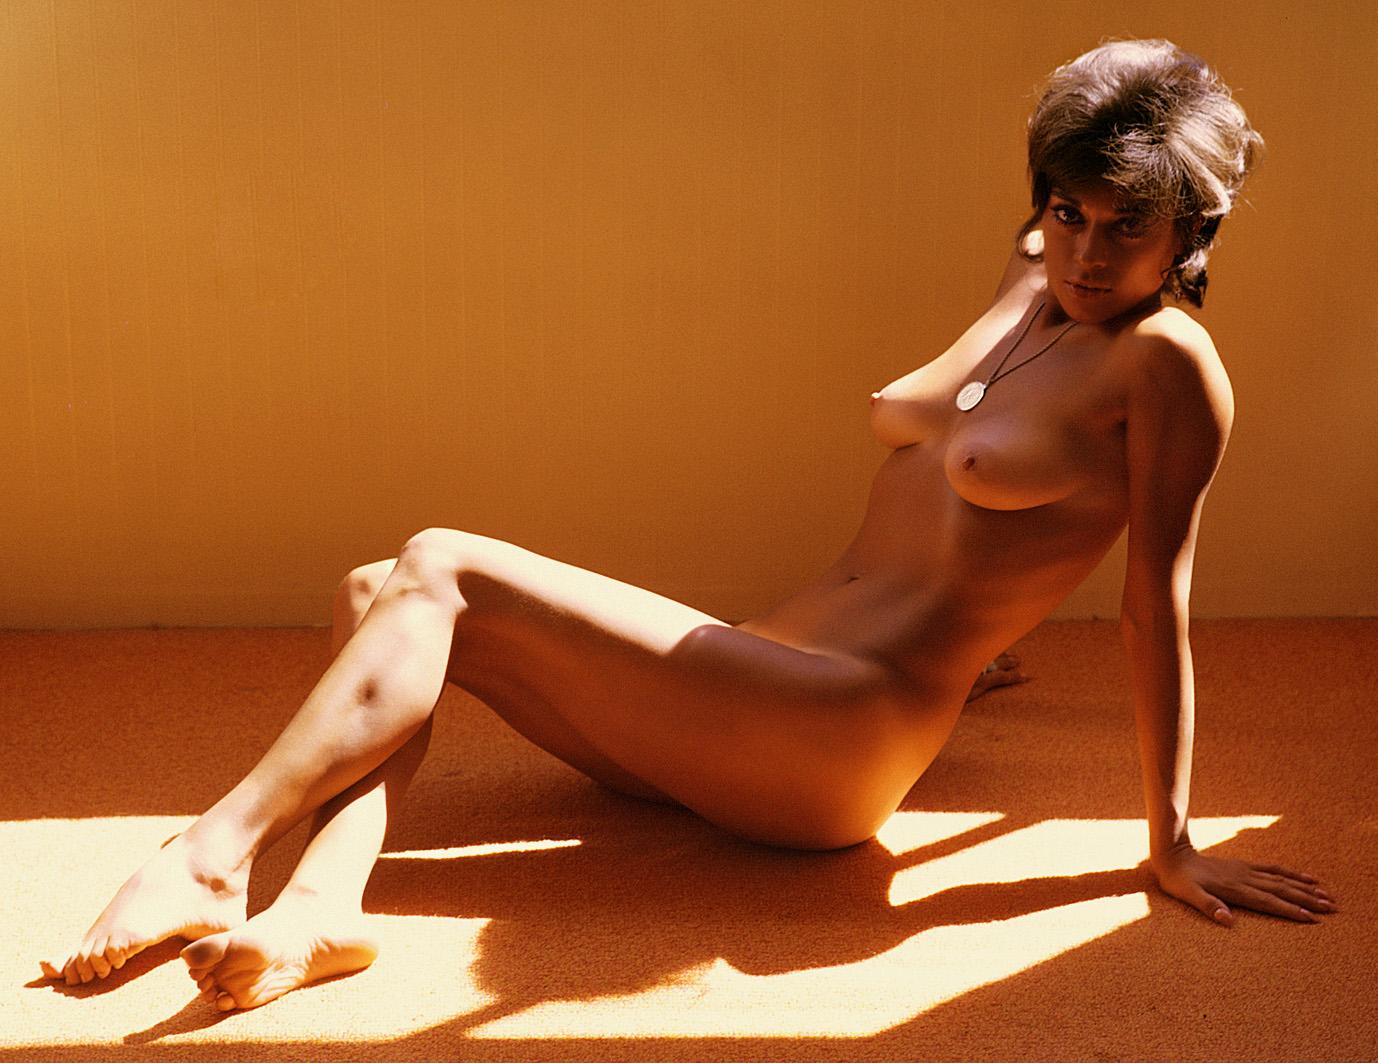 Fran Drescher Nude The Fappening